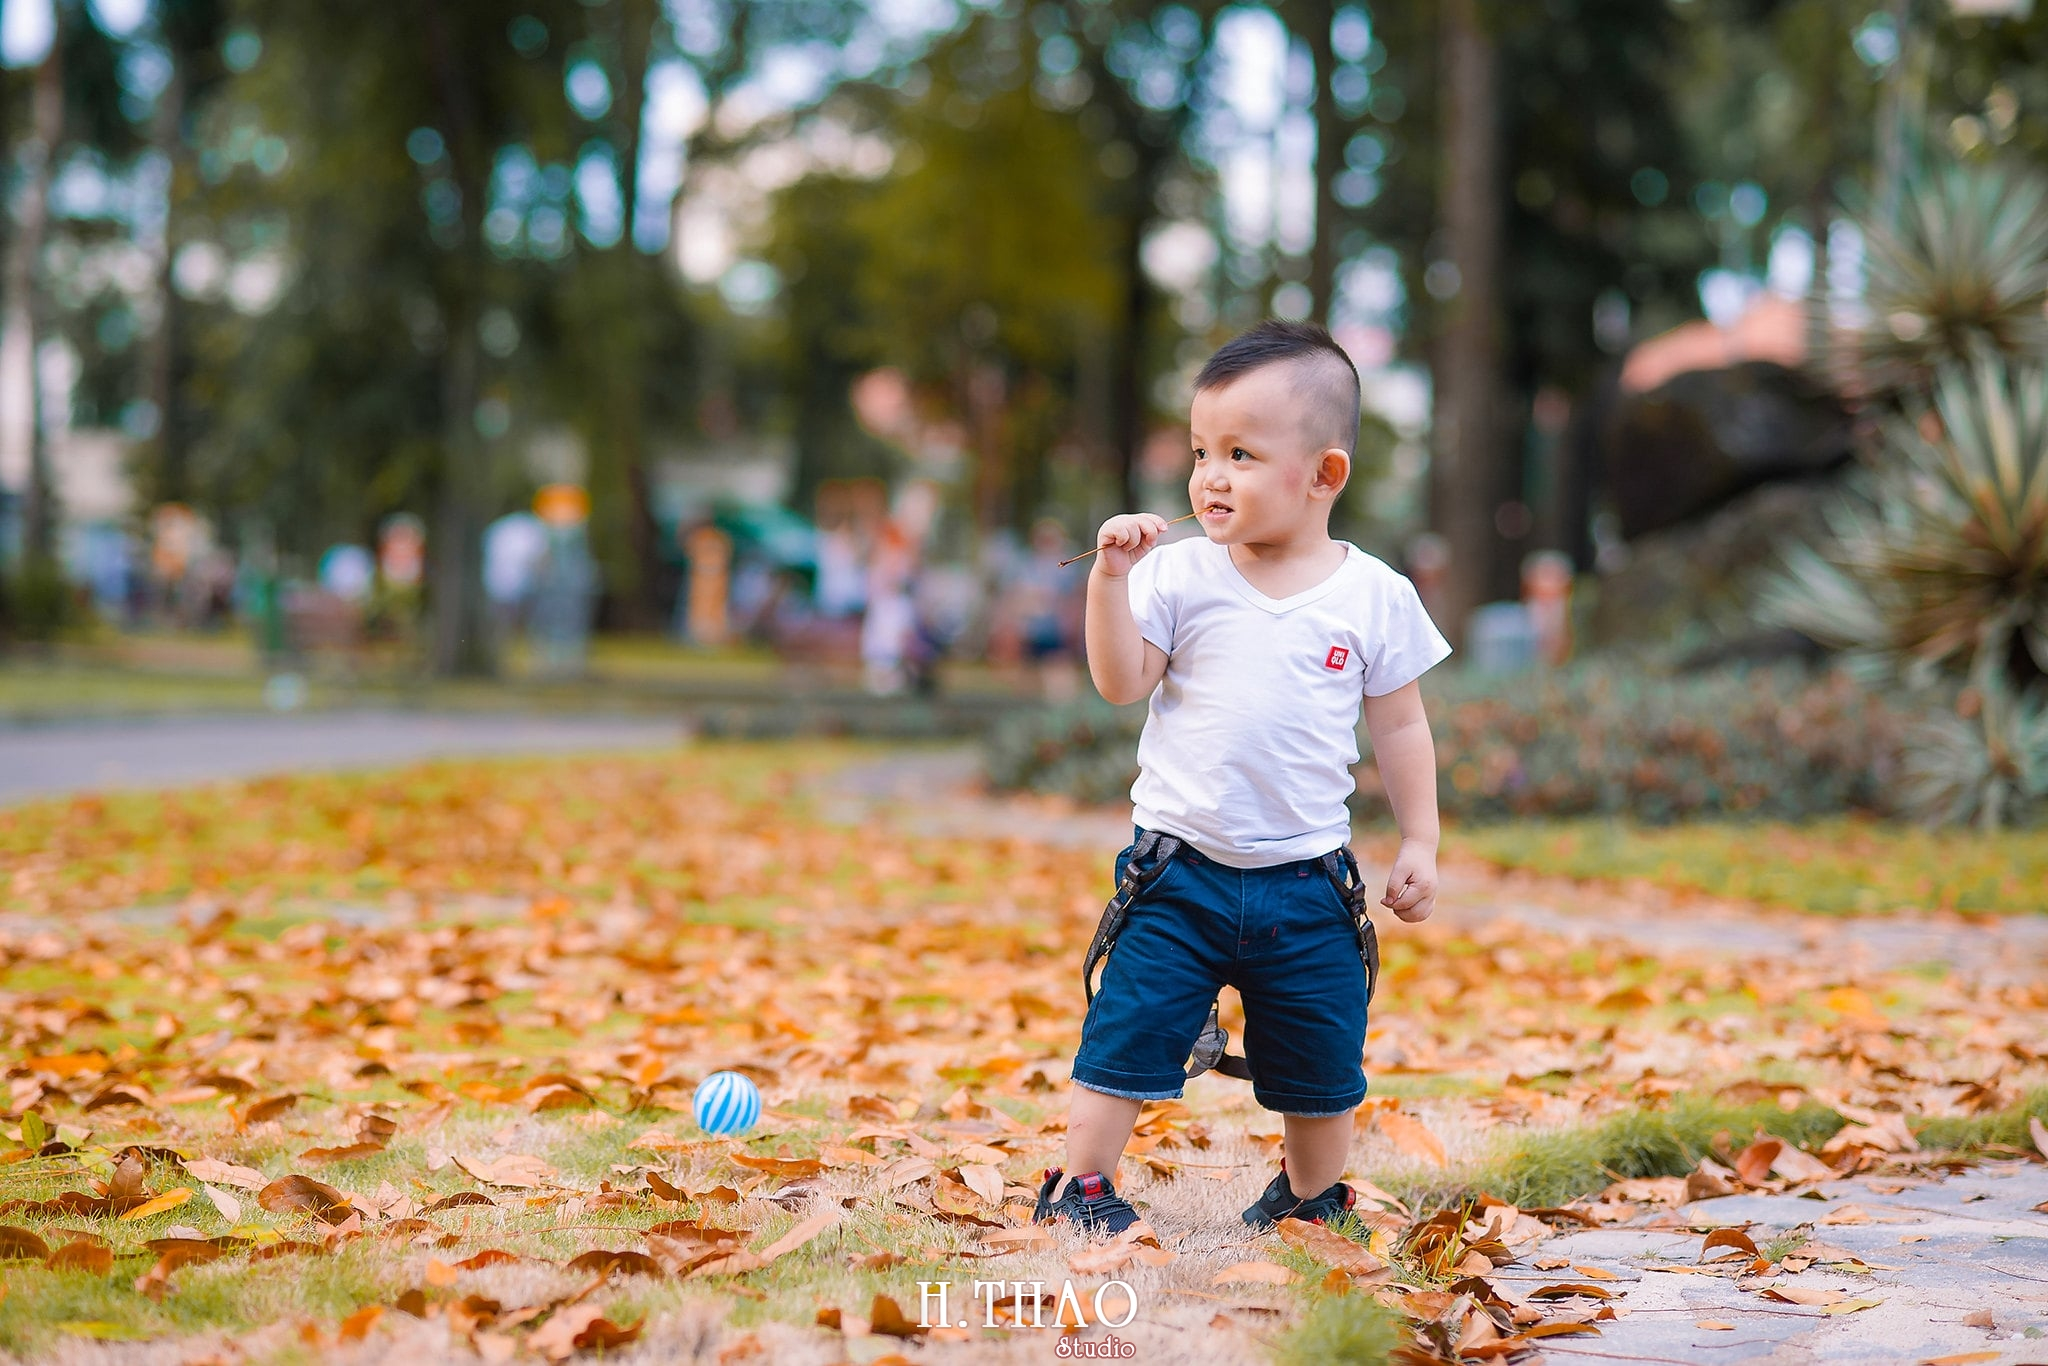 Judo 18 - Album ảnh bé chụp tại công viên Tao Đàn tuyệt đẹp - HThao Studio